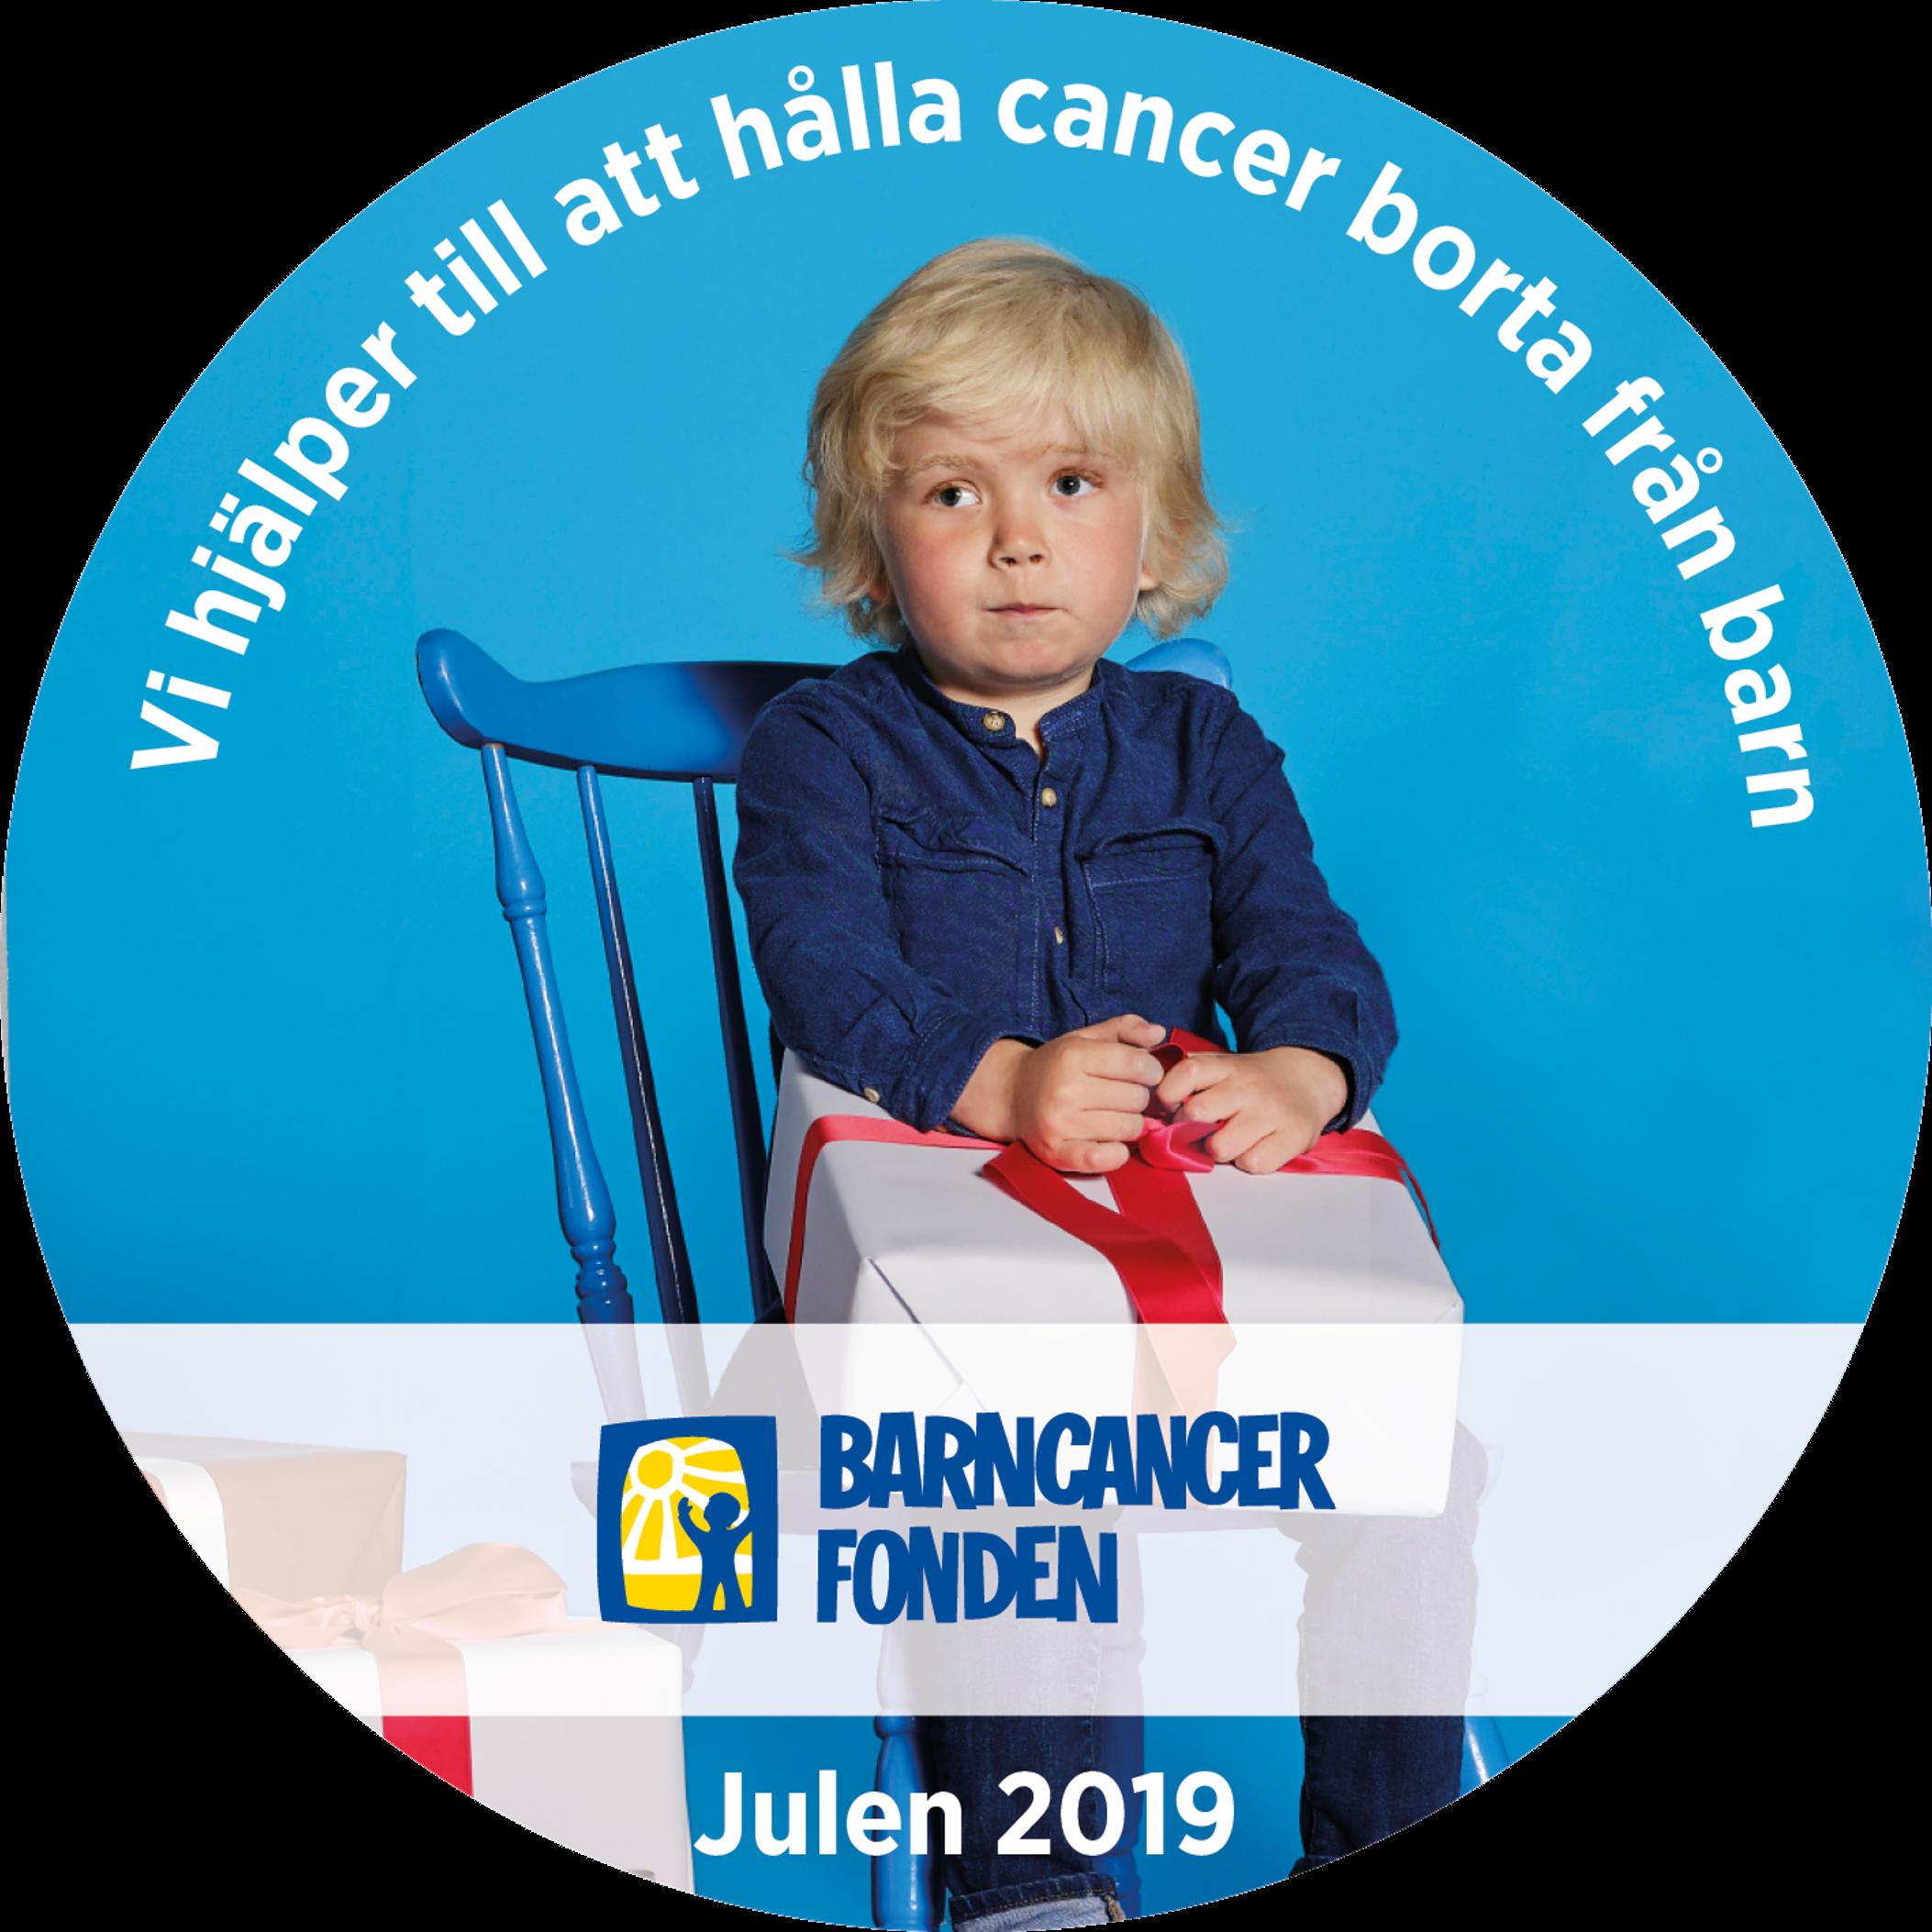 Barncancerfondens Julknapp 2018